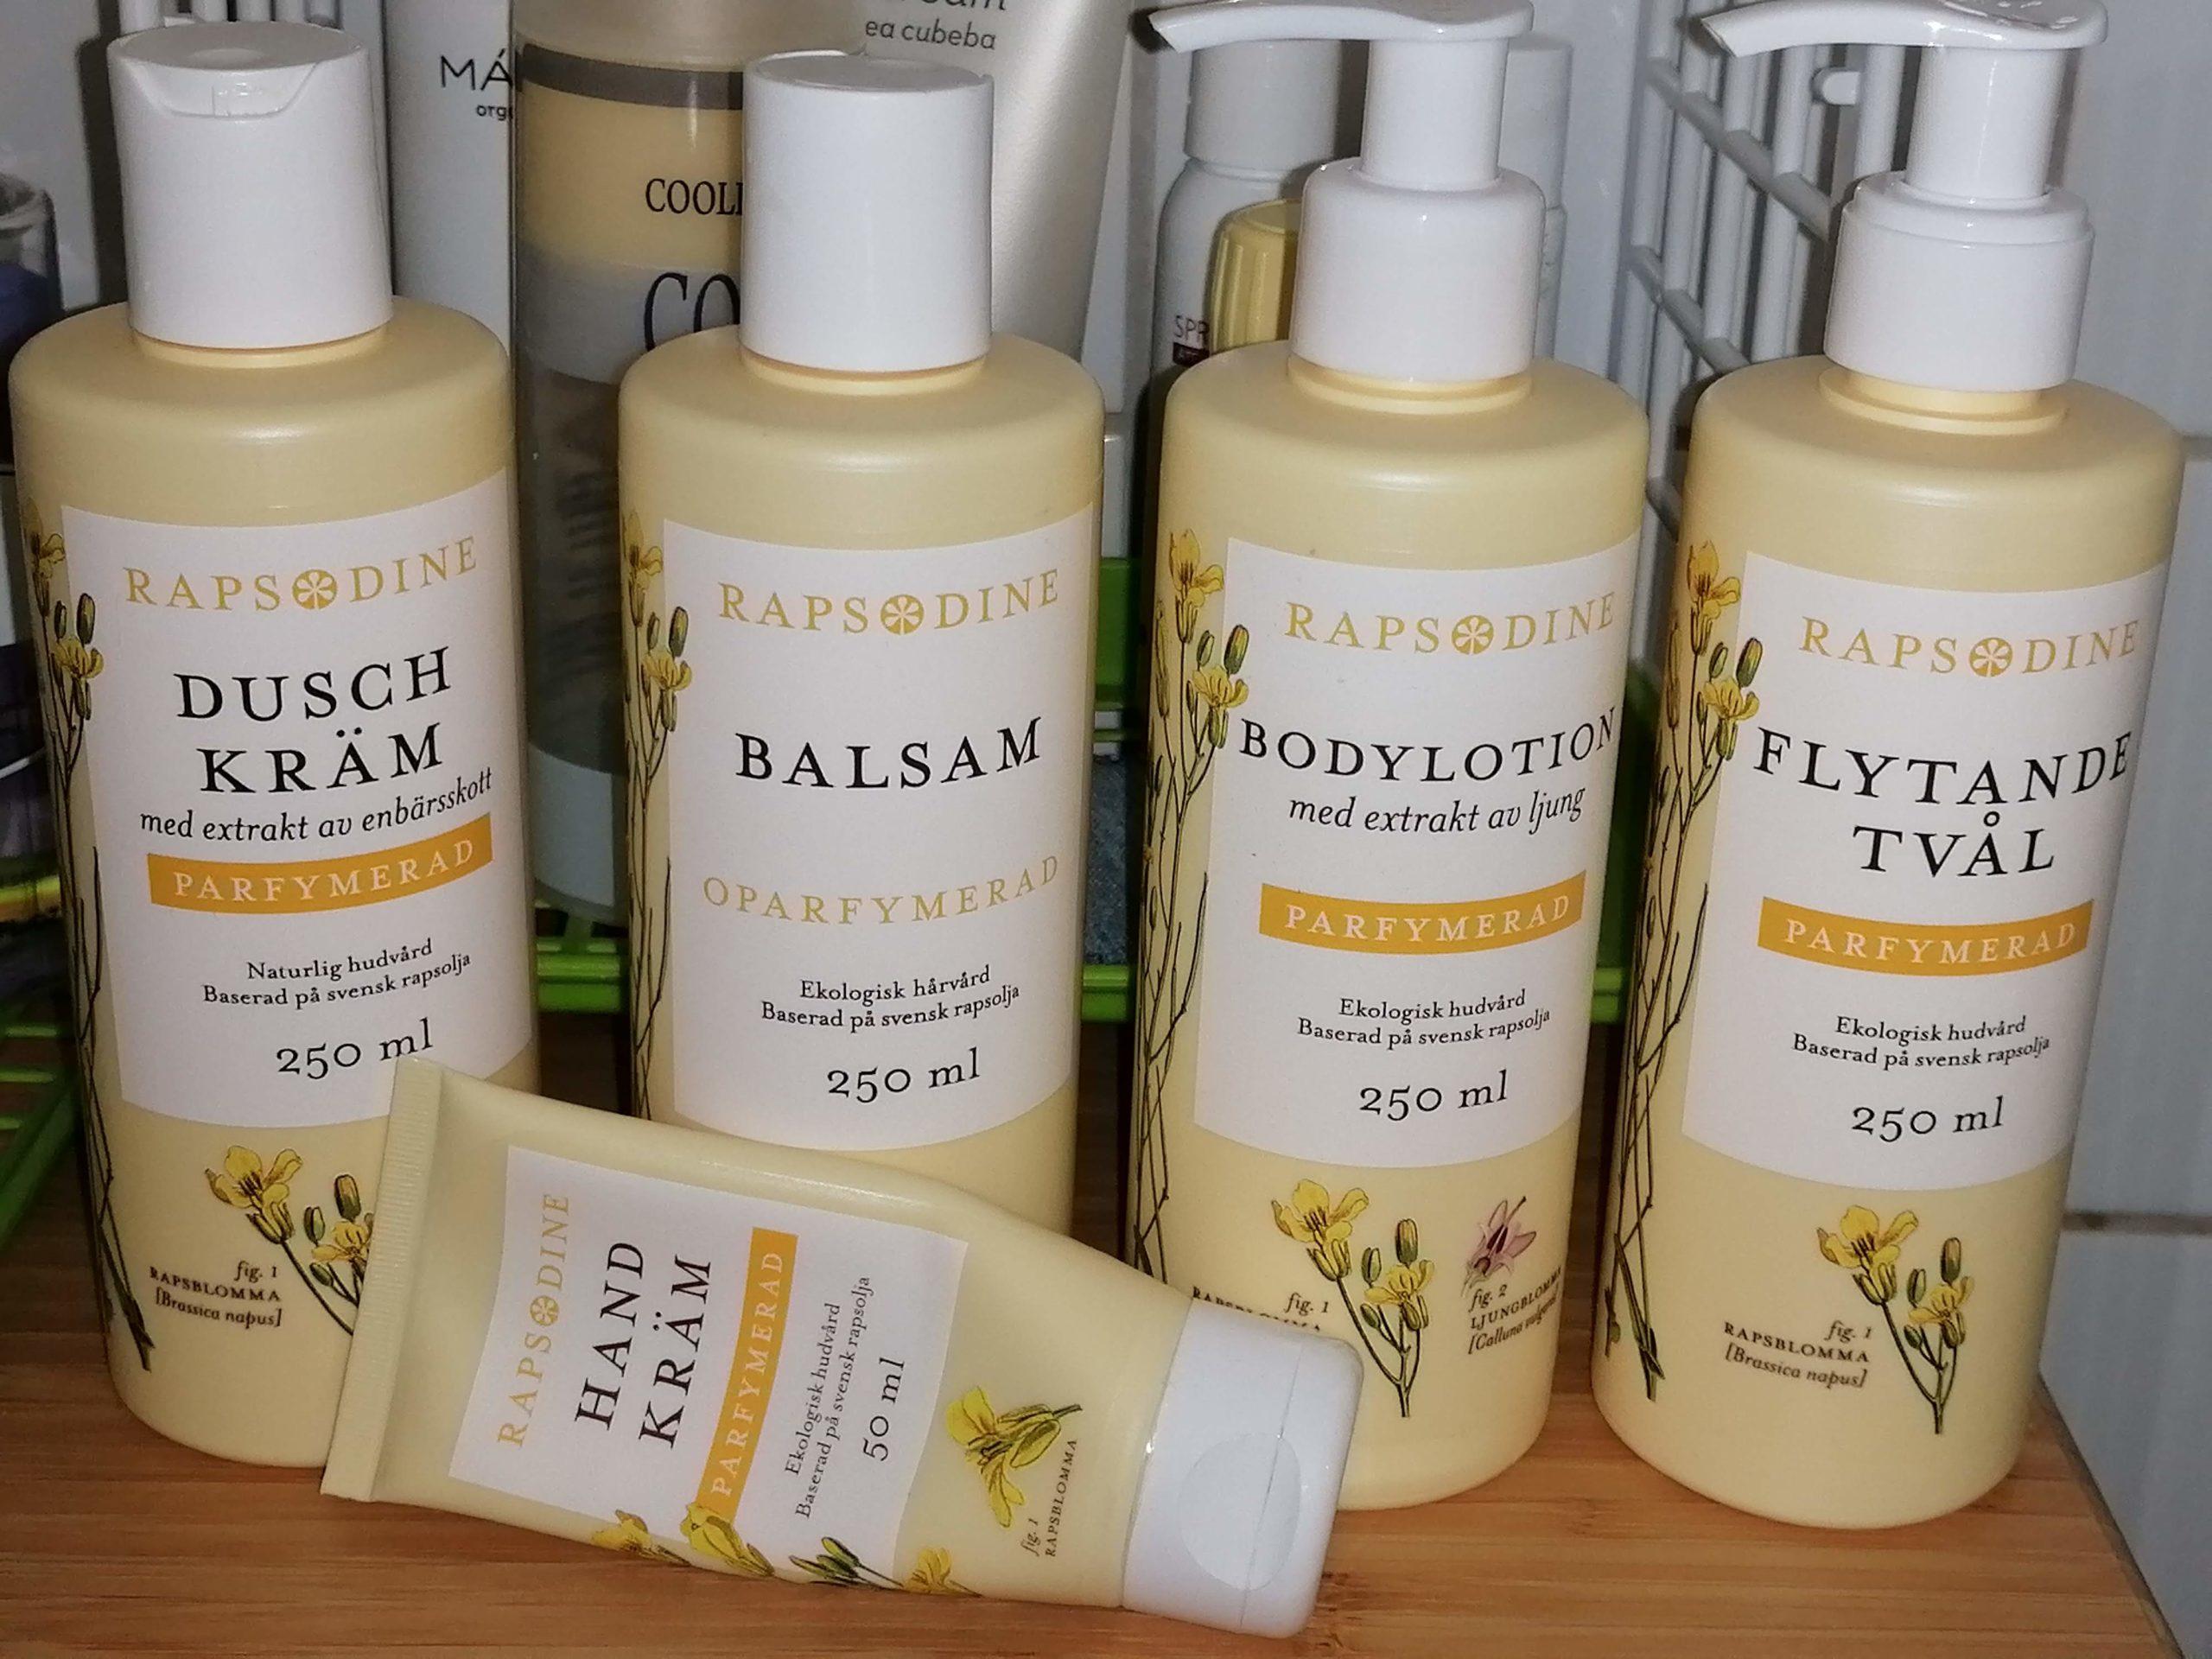 RAPSODINE naturliga hudvård- och hårvårdsprodukter